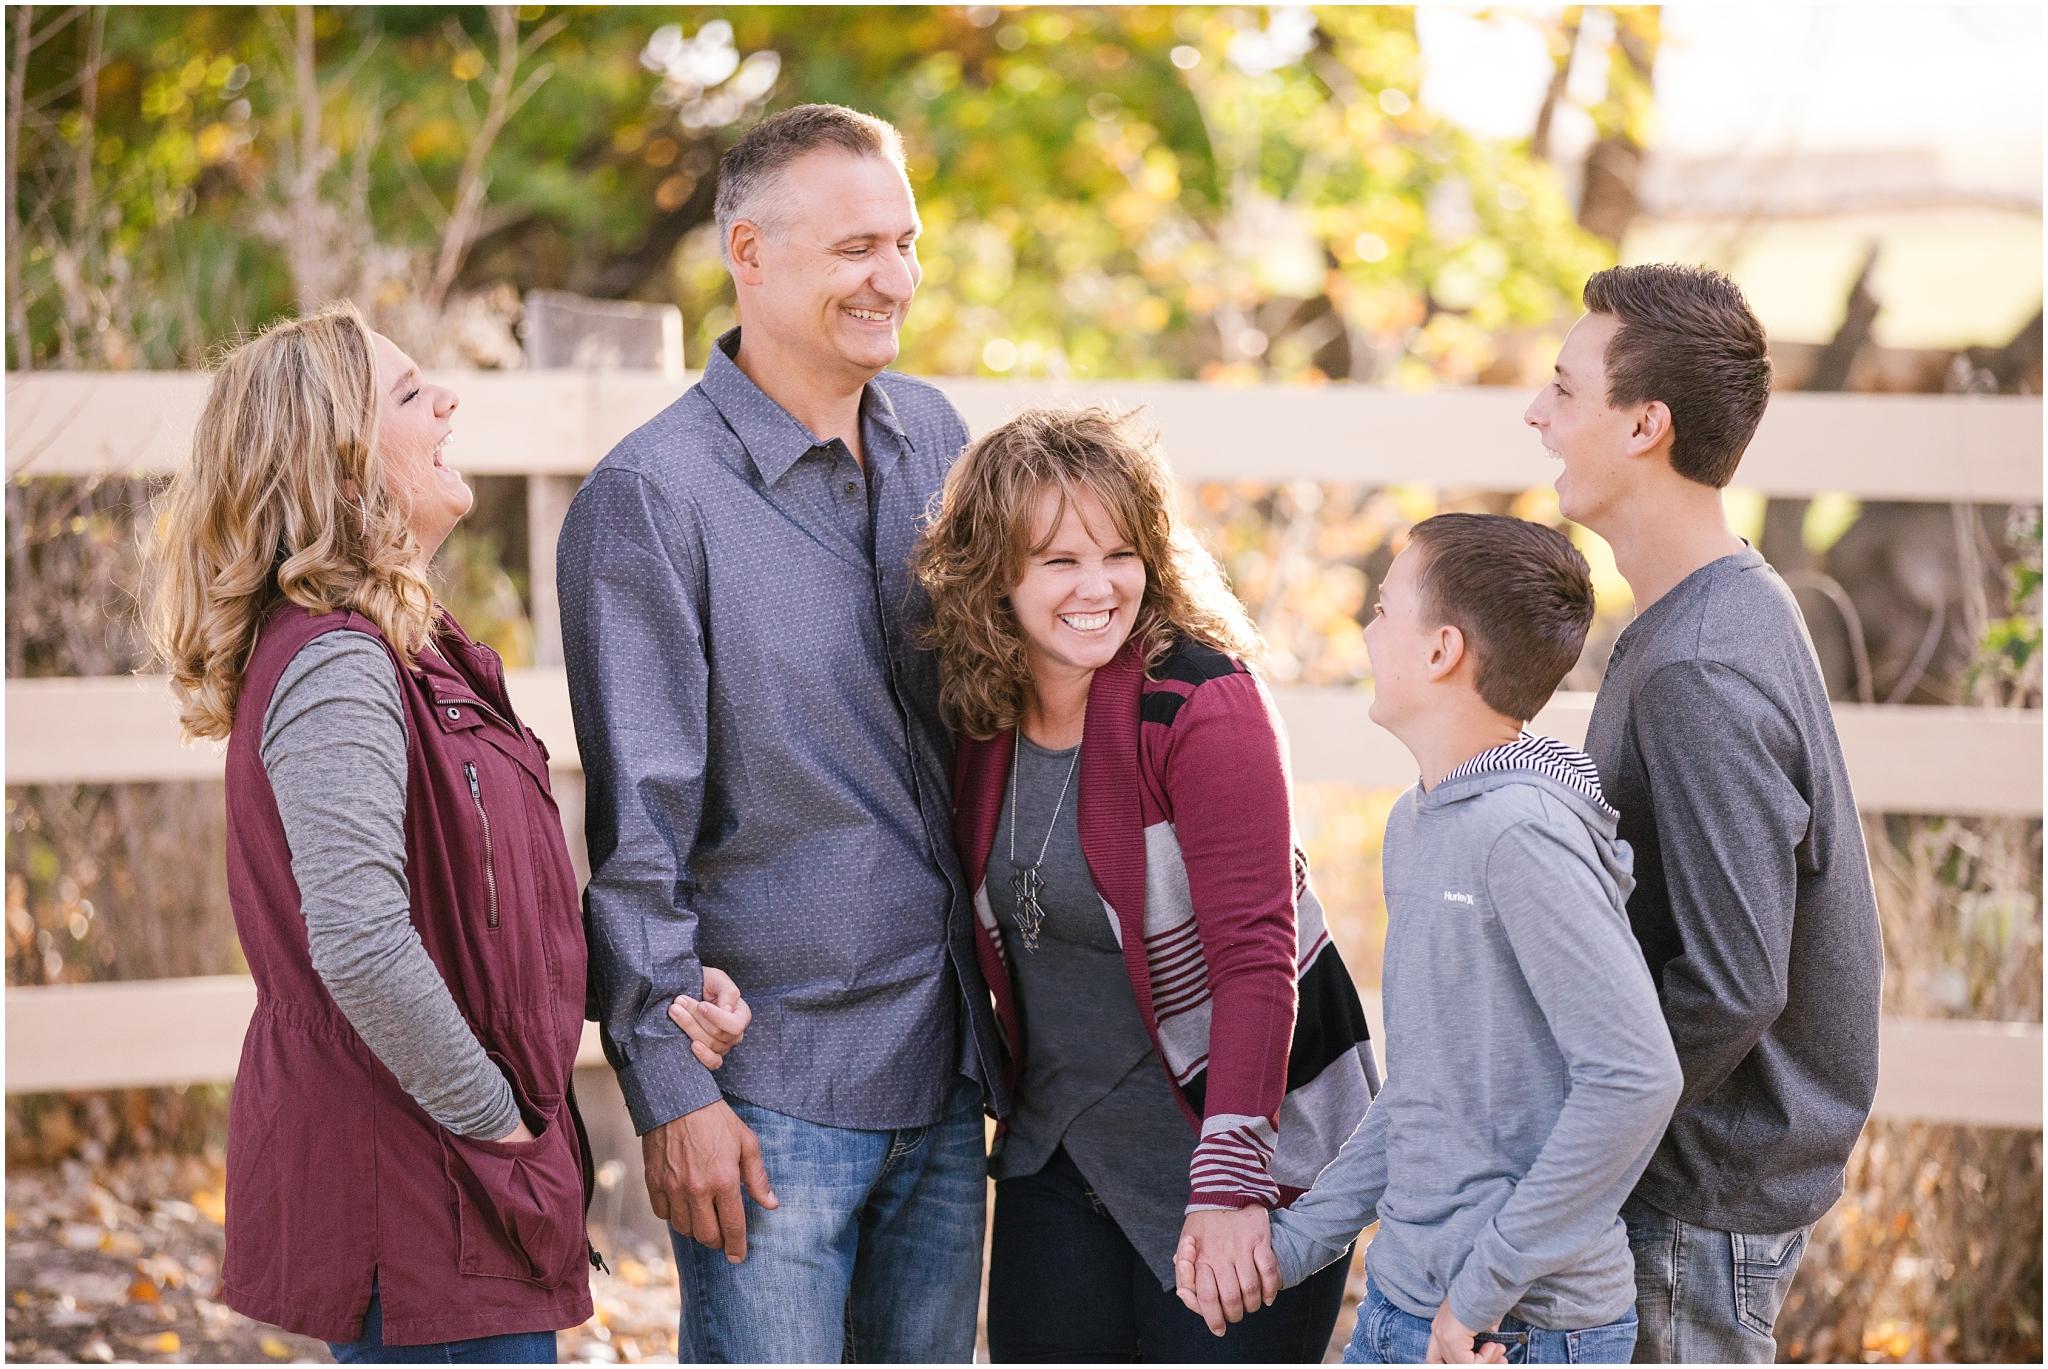 1Fielding-13_Lizzie-B-Imagery-Utah-Family-Photographer-Central-Utah-Park-City-Salt-Lake-City.jpg